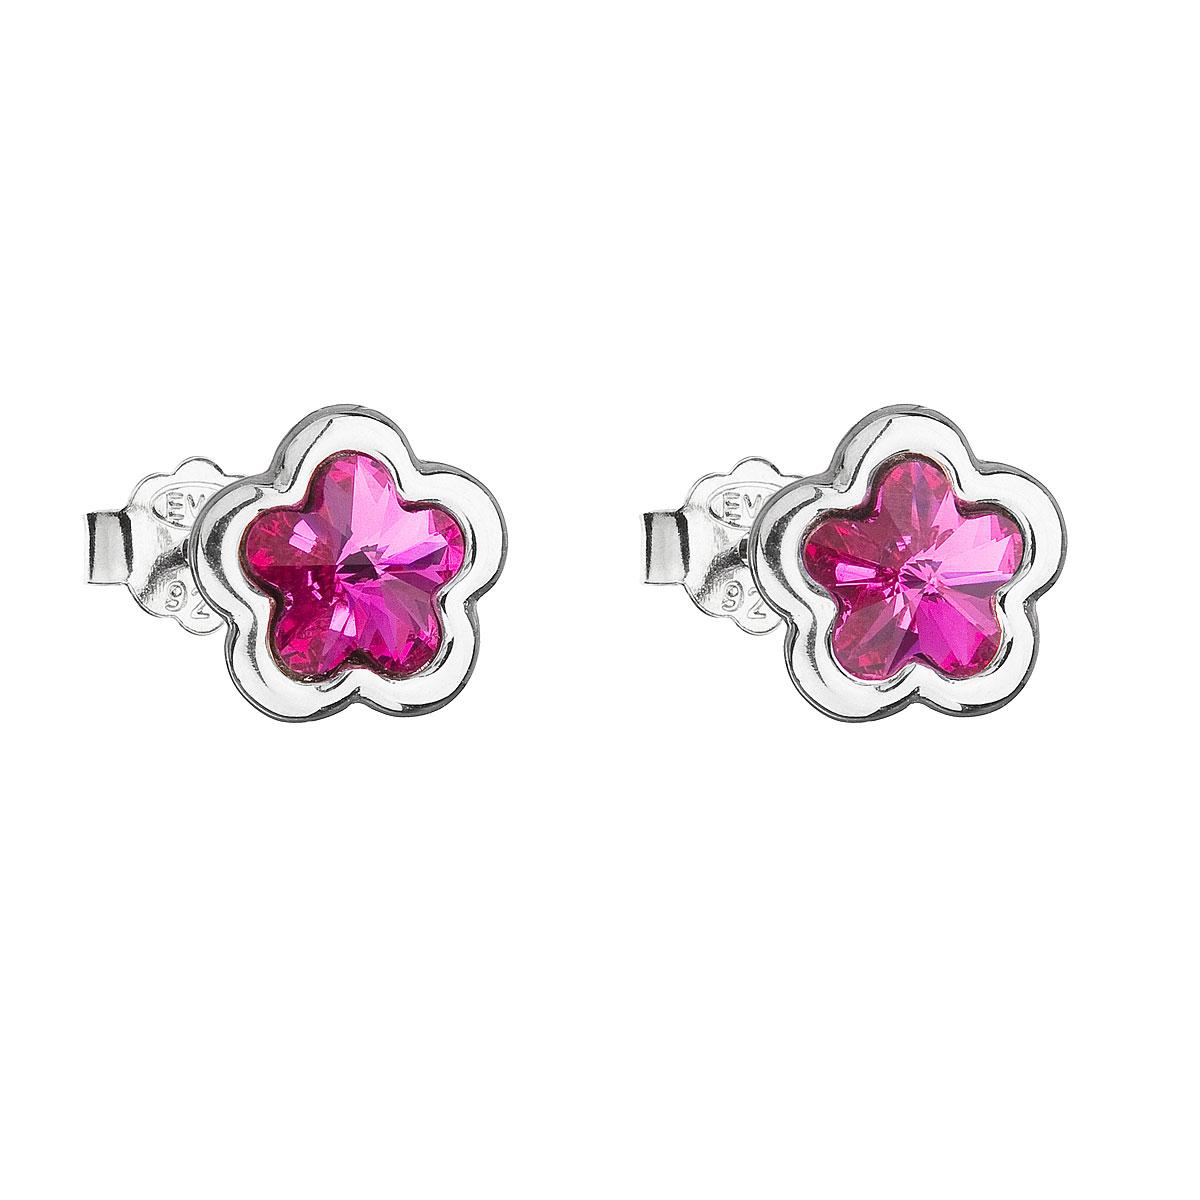 Stříbrné náušnice pecka s krystaly Swarovski růžová kytička 31255.3 fuchsia